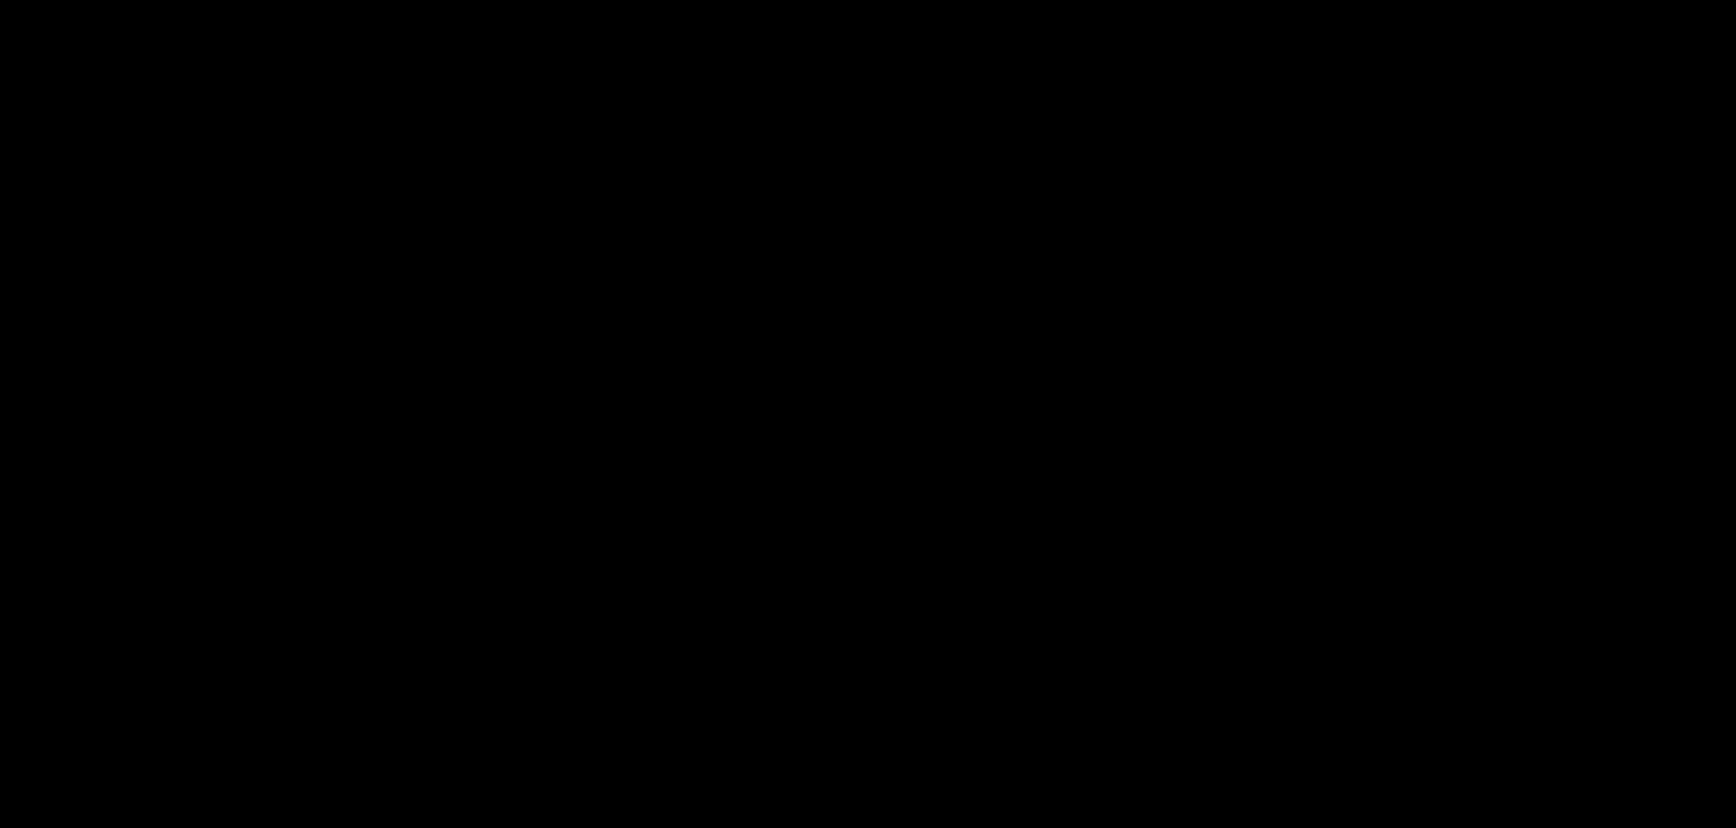 N-[2-(5-Methoxy-indol-3-yl)-ethyl]-2-methoxy-commenamide